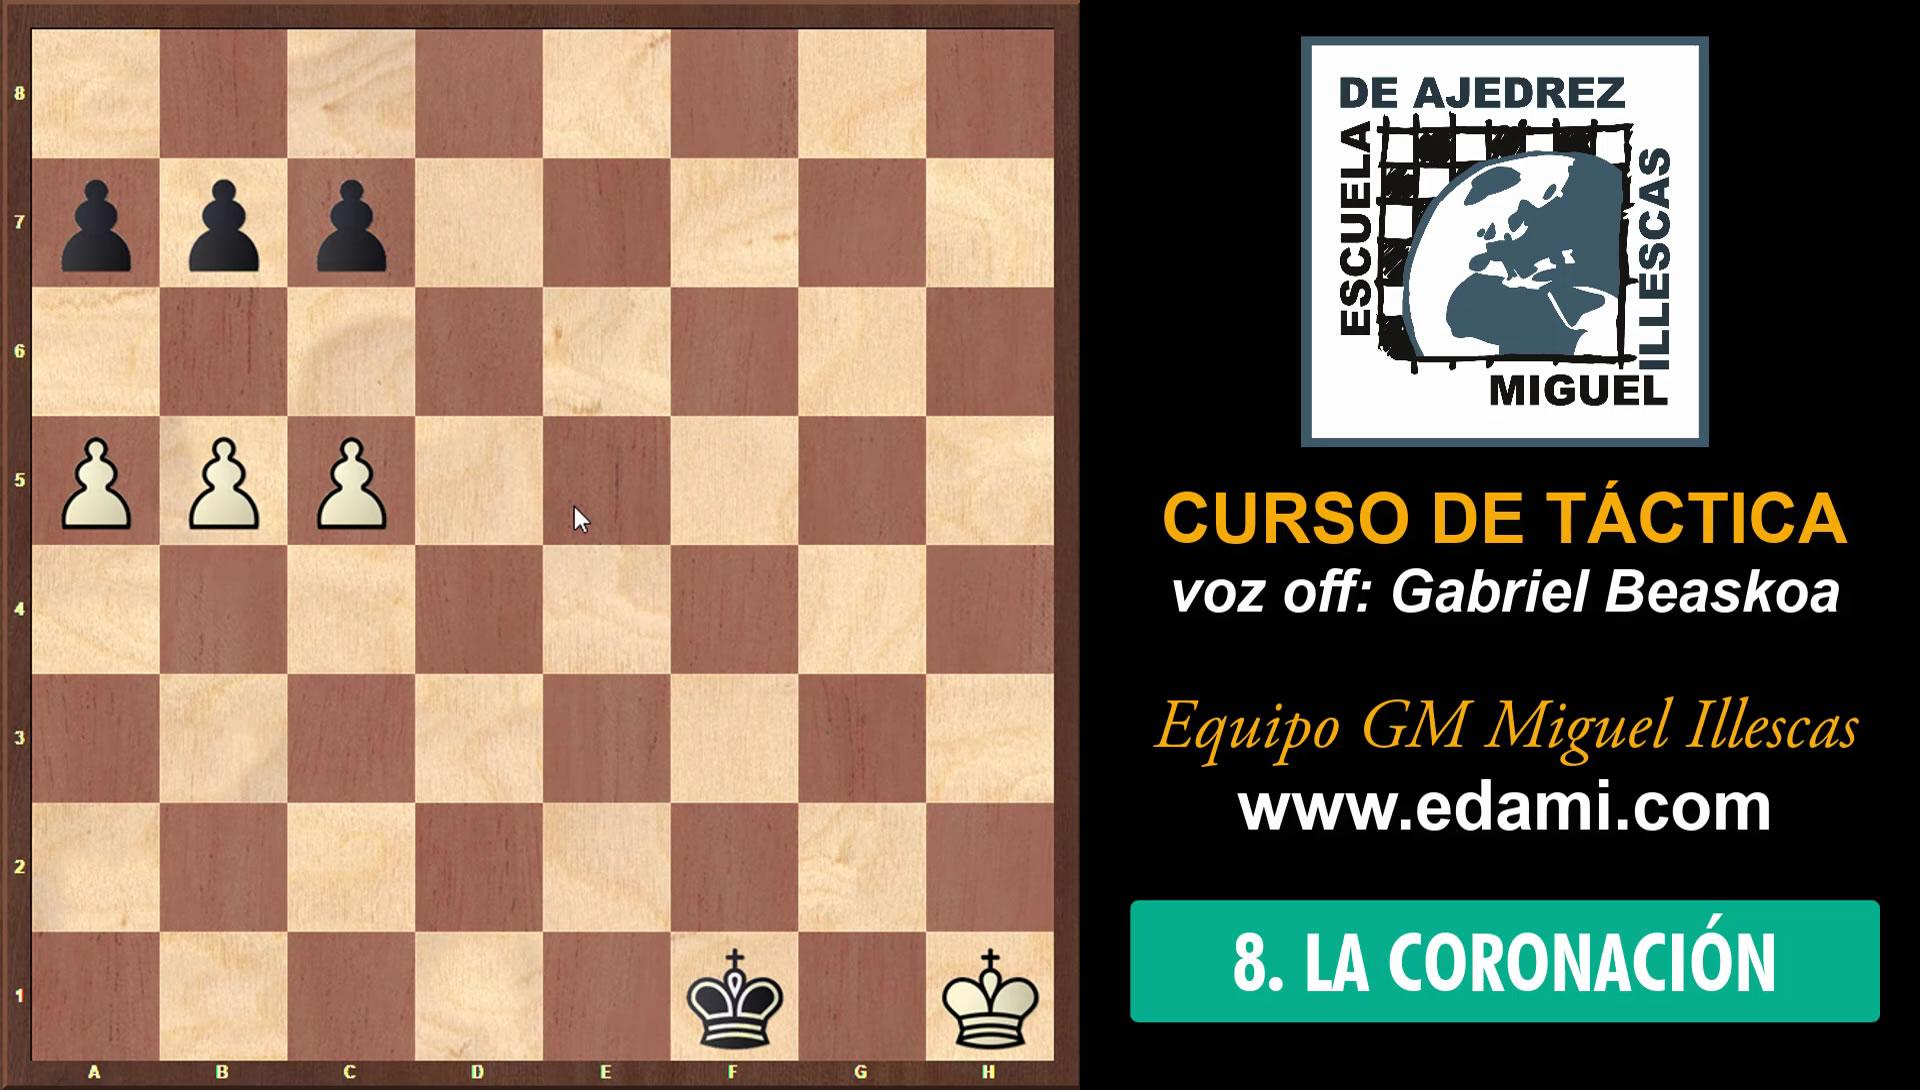 Curso de Táctica de ajedrez EDAMI #08 - La Coronación